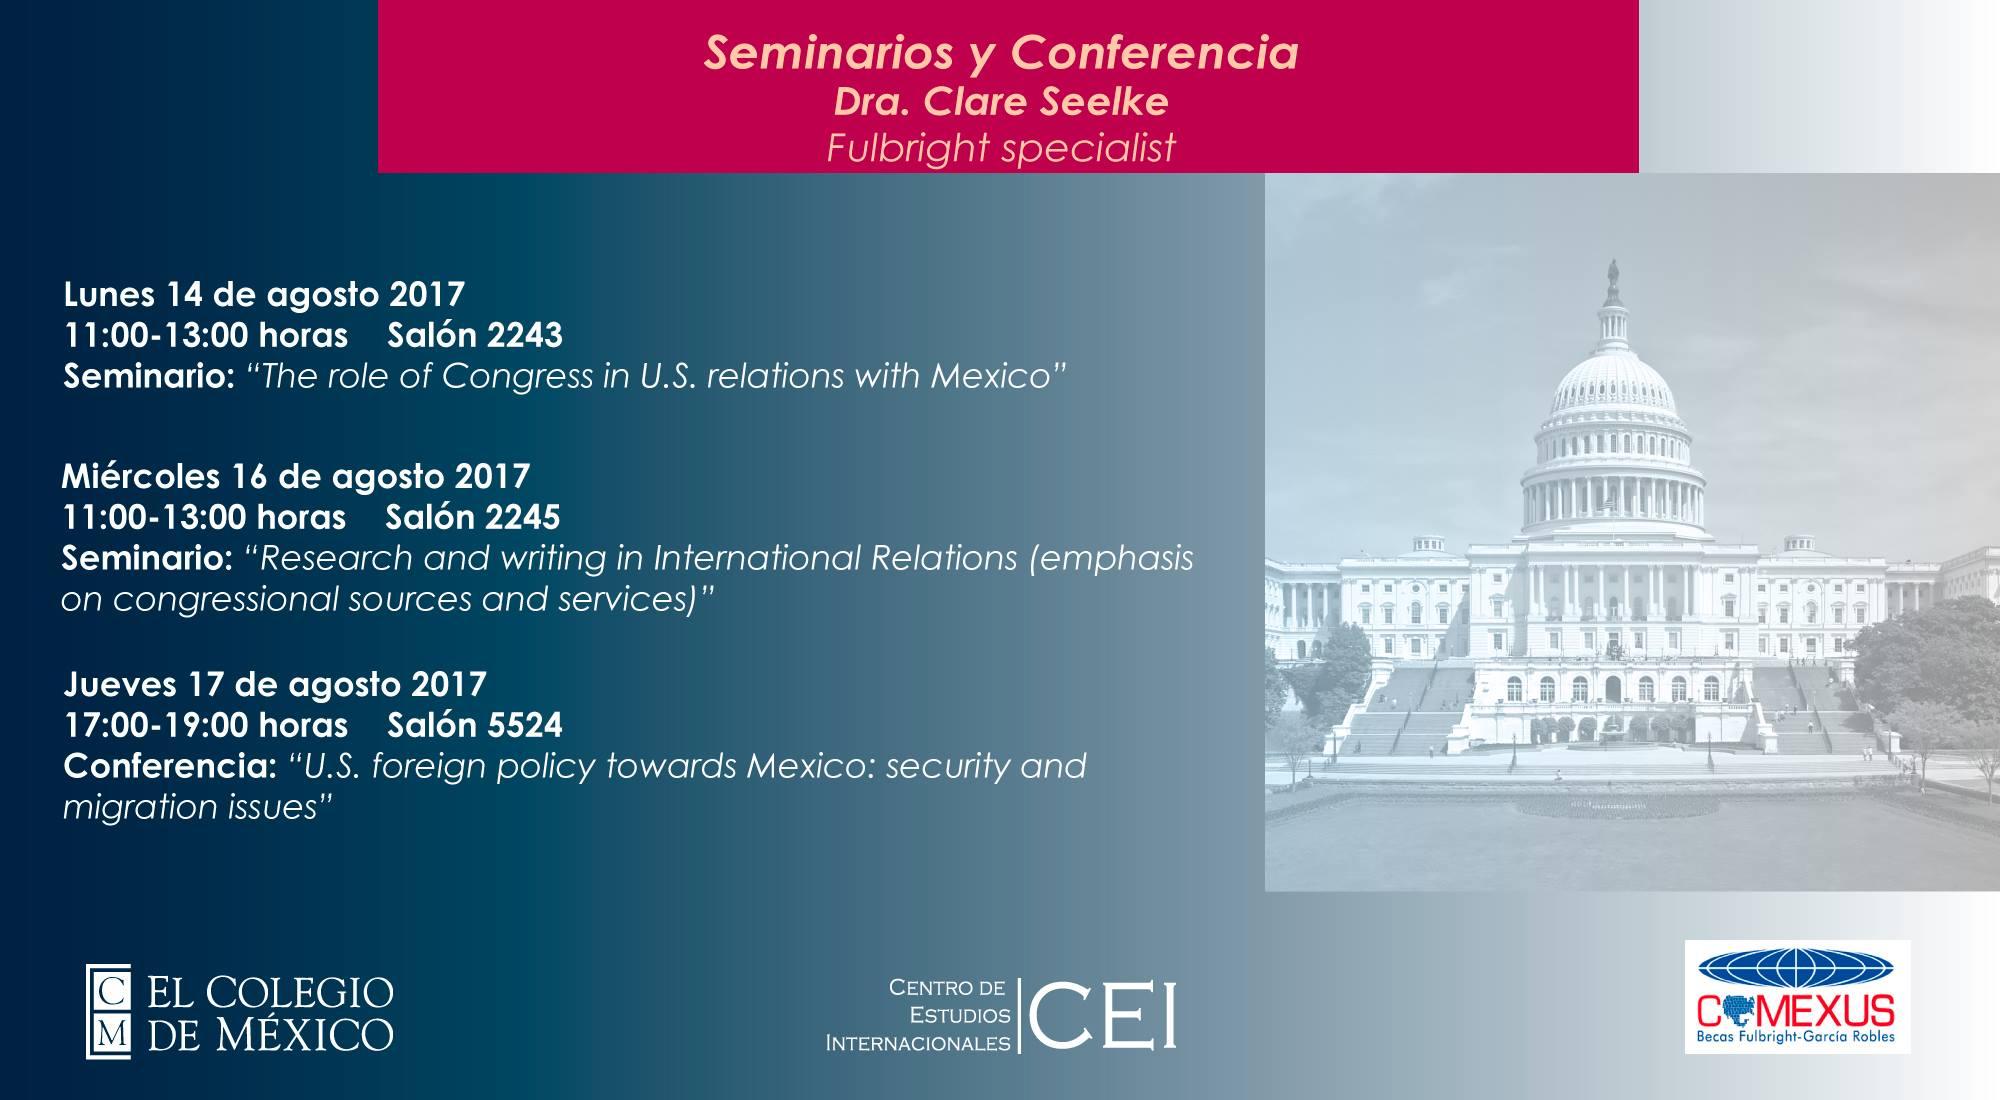 Seminarios y conferencias Dra. Clare Seelke